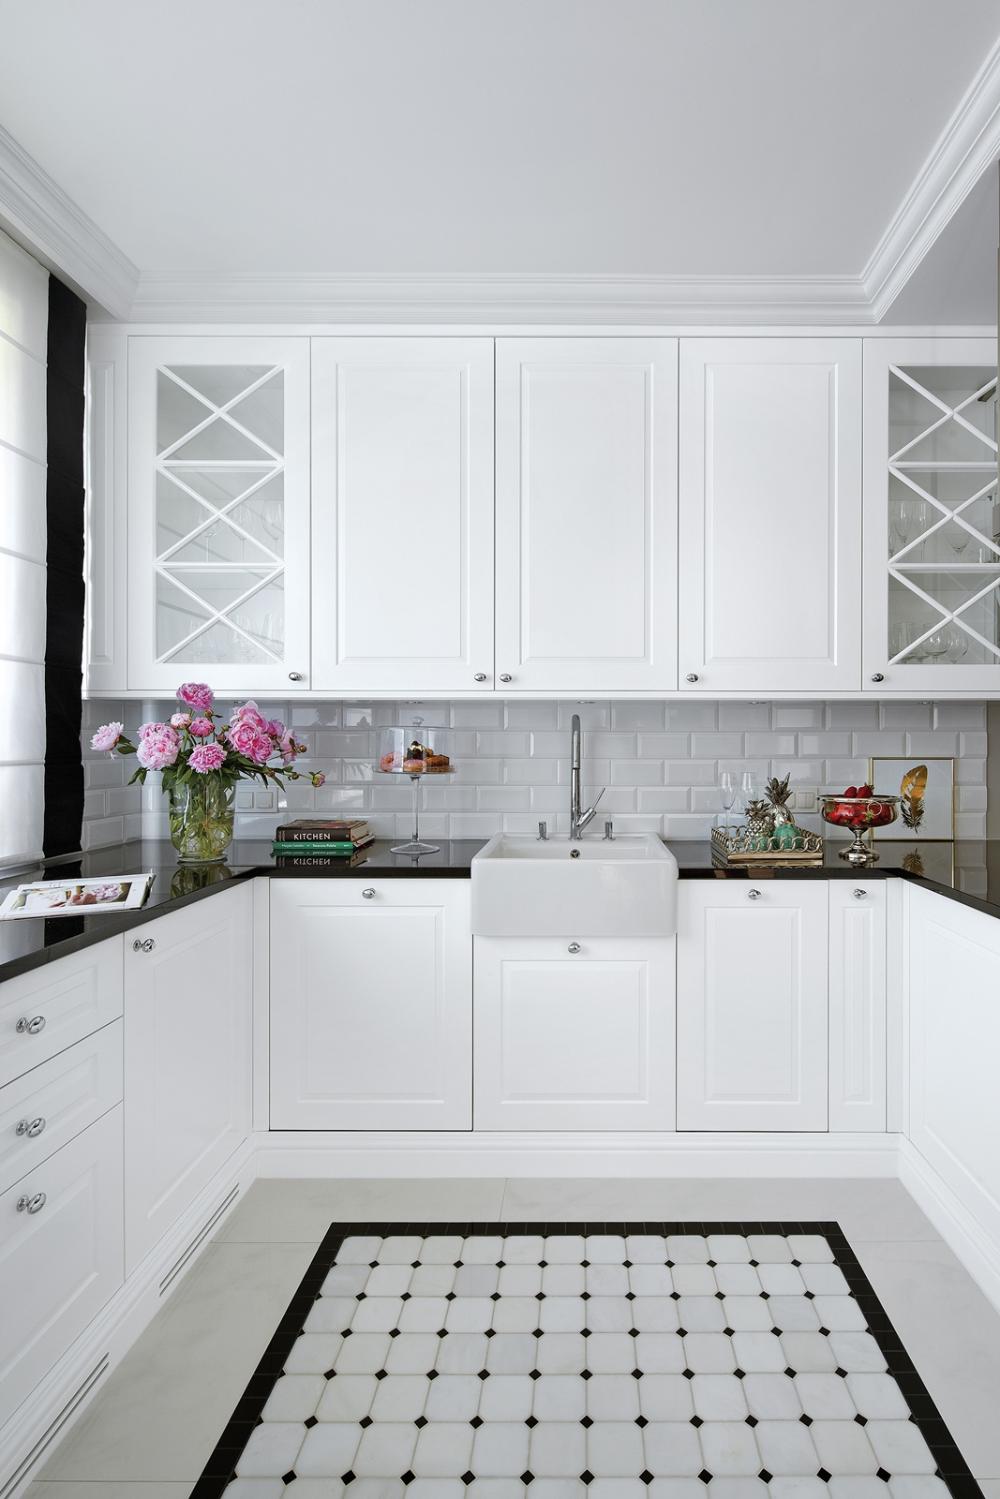 Kuchenne Szafki Zrobila Na Zamowienie Firma Elen Meble Blaty Z Czarnego Interior Design Kitchen Small Kitchen Furniture Design Small Kitchen Design Apartment